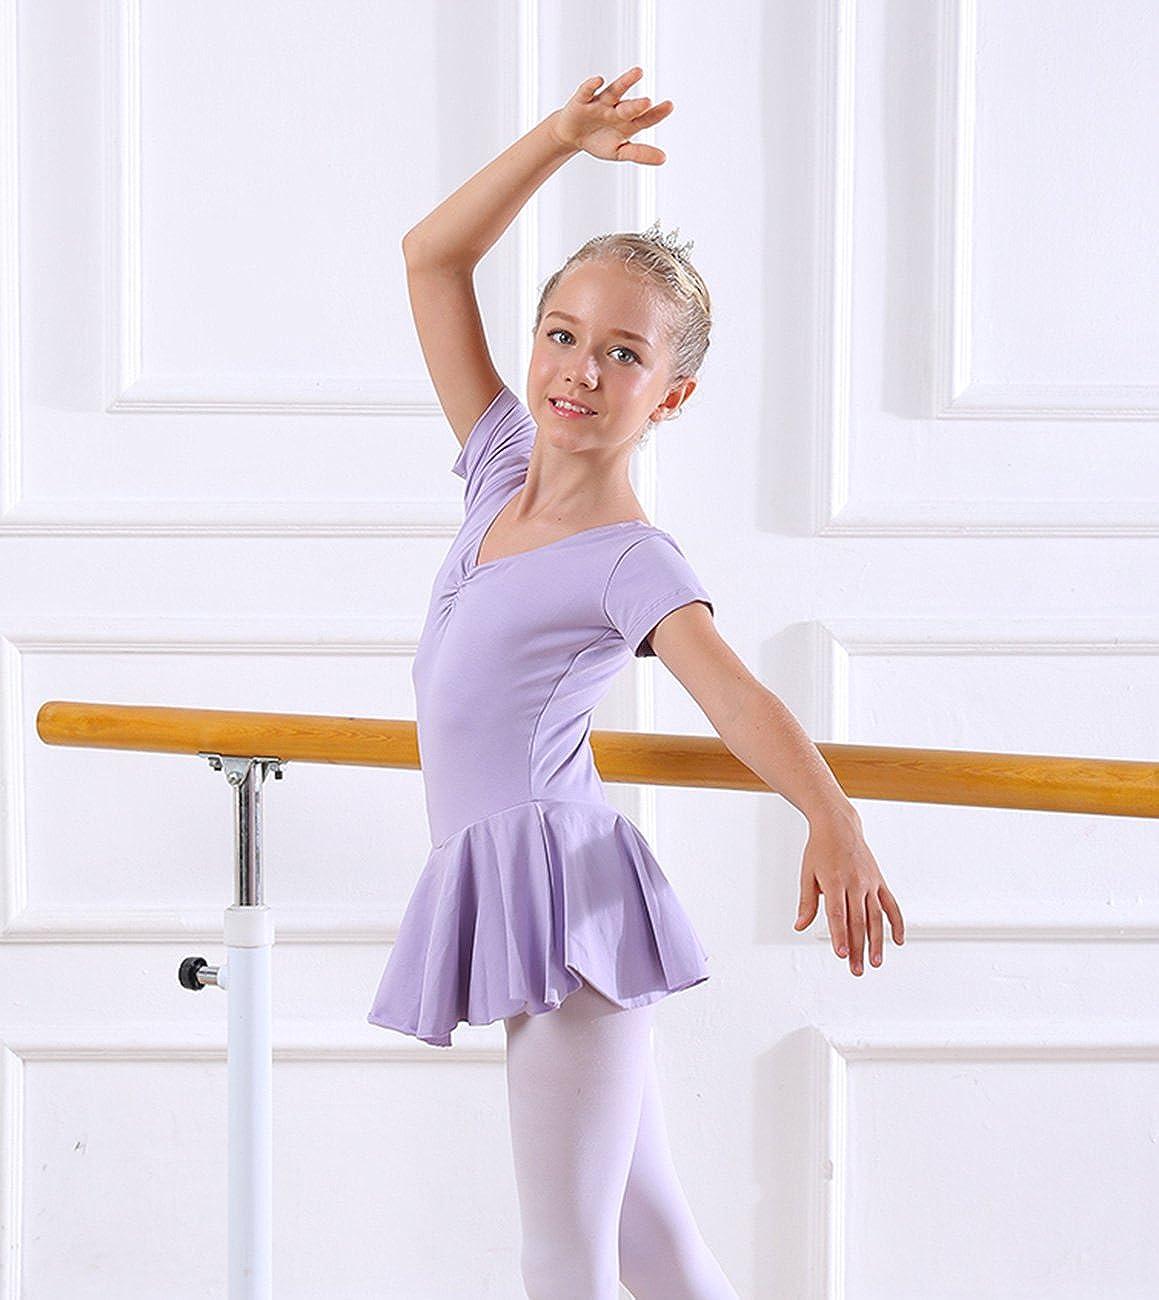 FEOYA Girls Skirted Leotard For Ballet Dance Short Sleeve